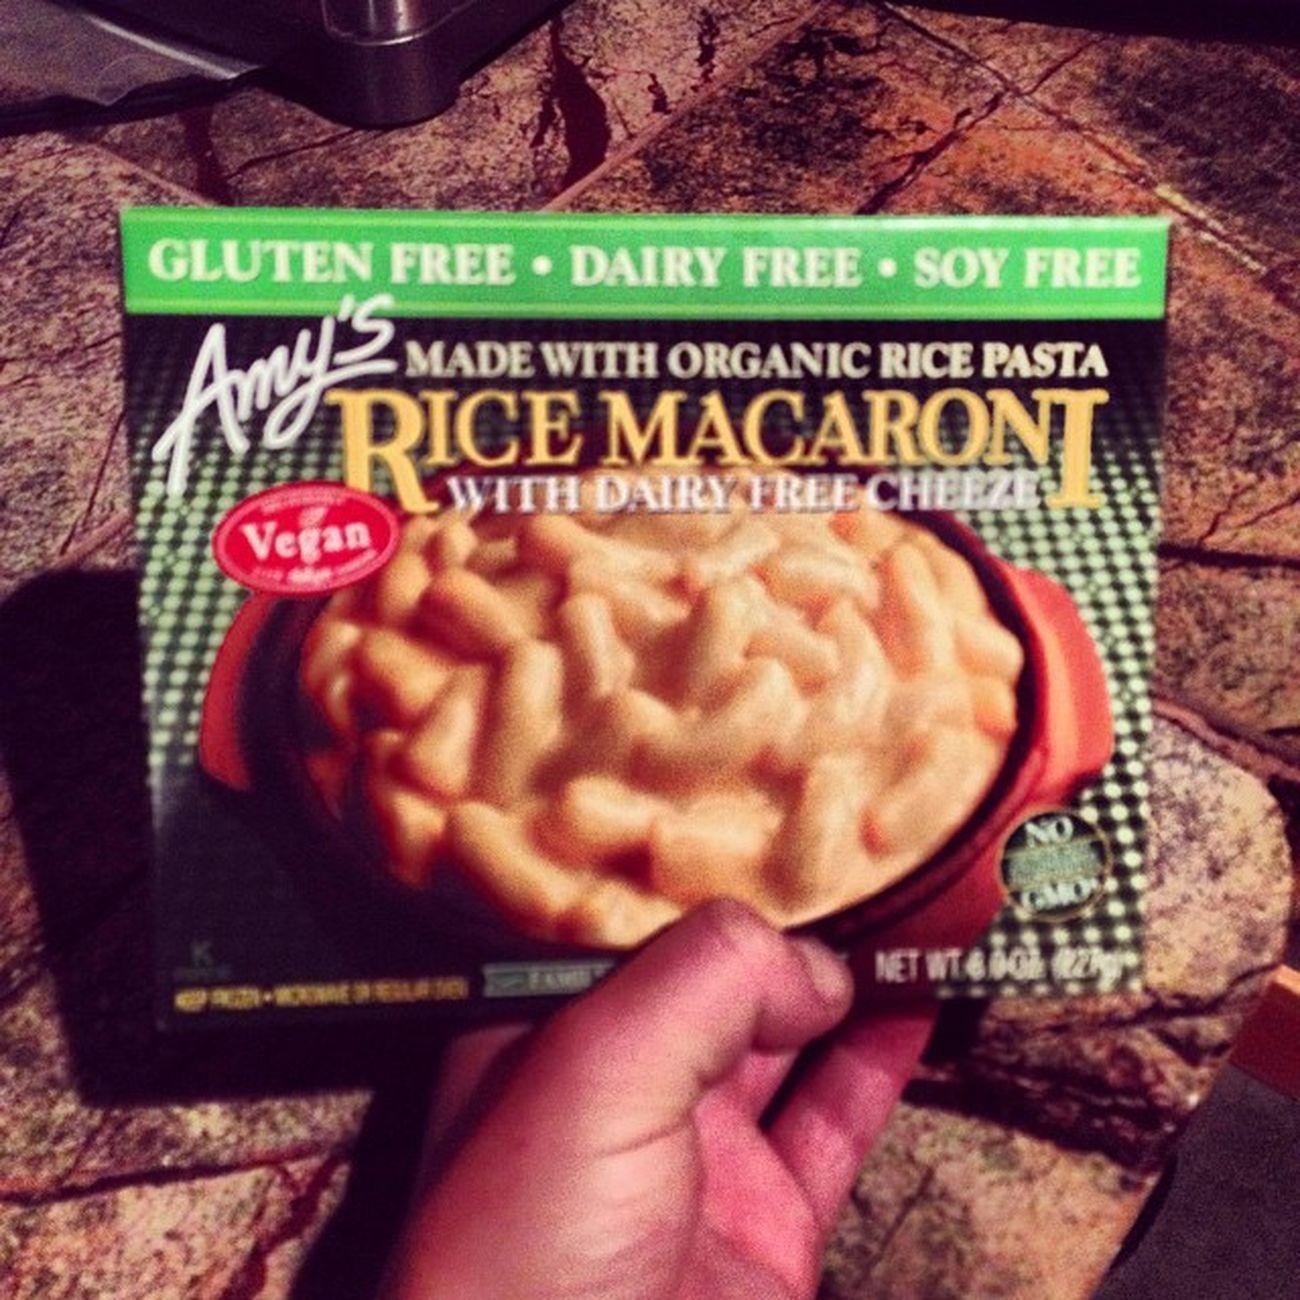 Dank Vegan Amys Macncheese glutenfree healthyfood foodporn dairyfree